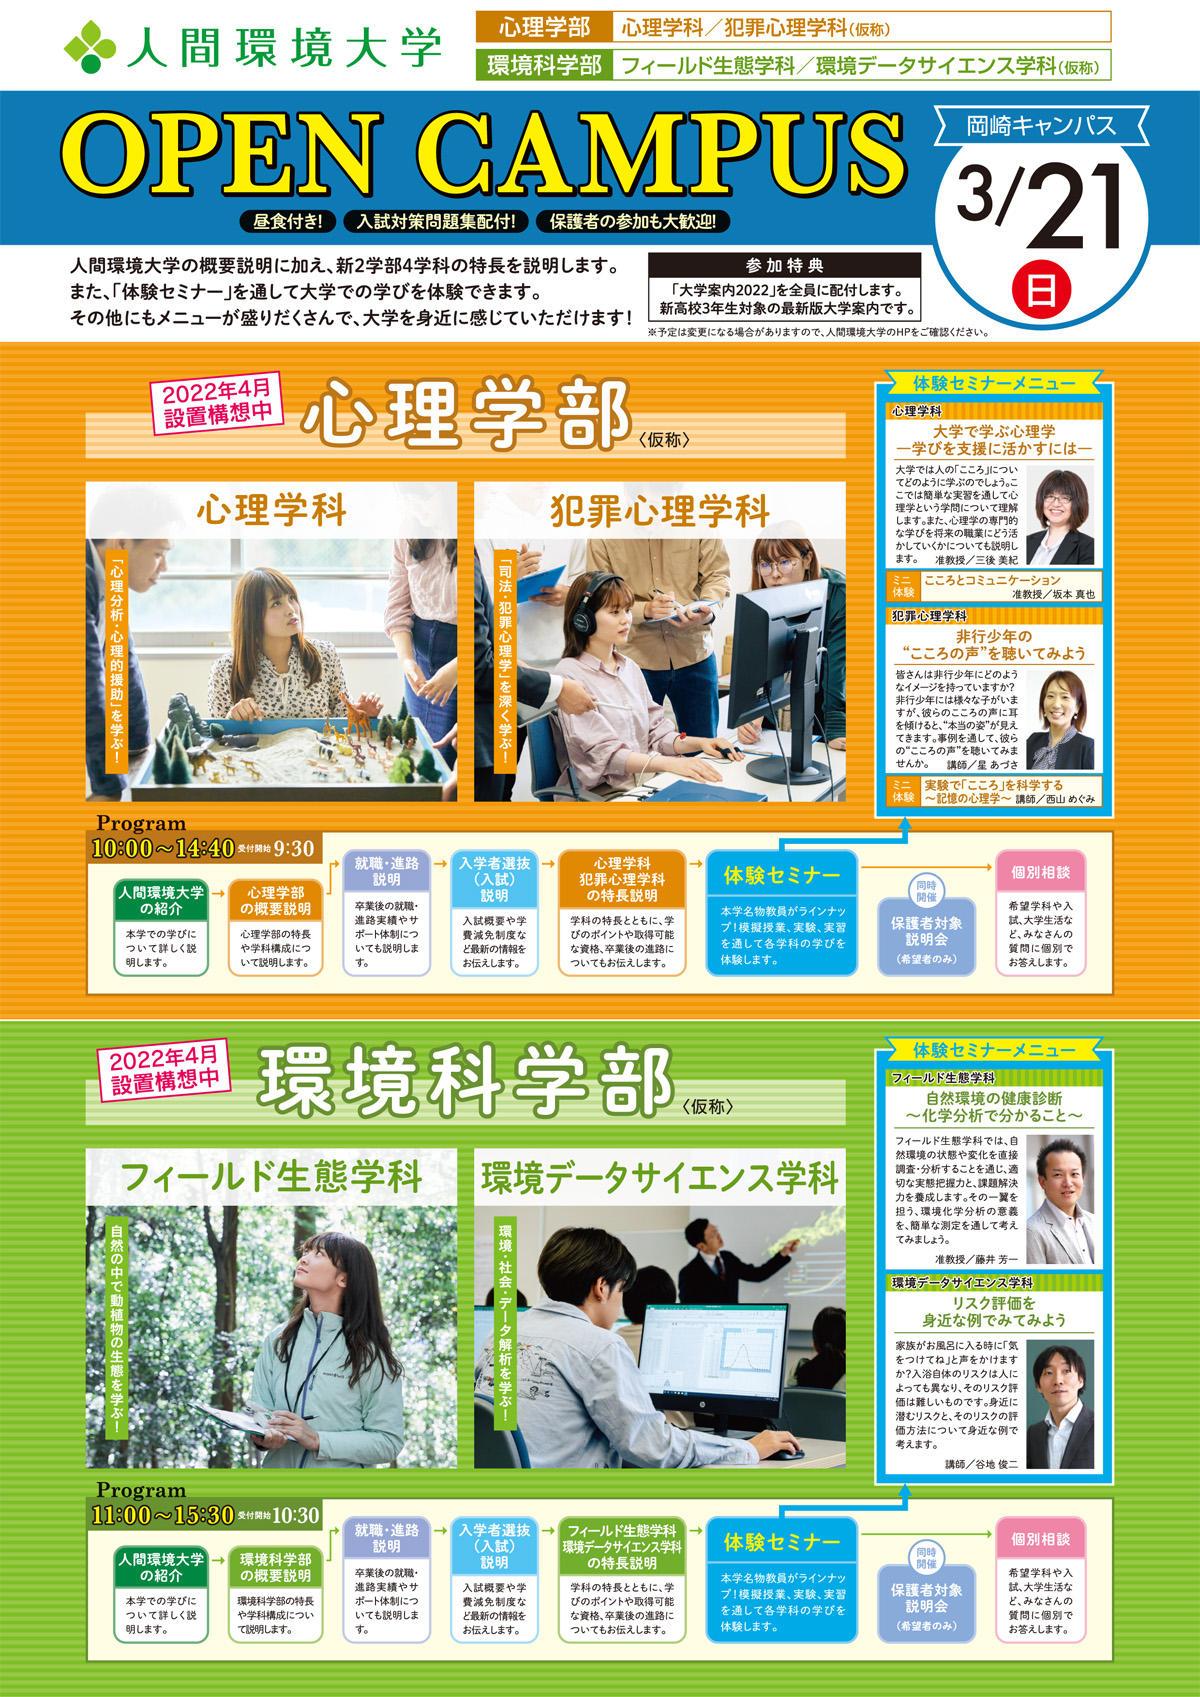 岡崎キャンパス2学部OC-1.jpg